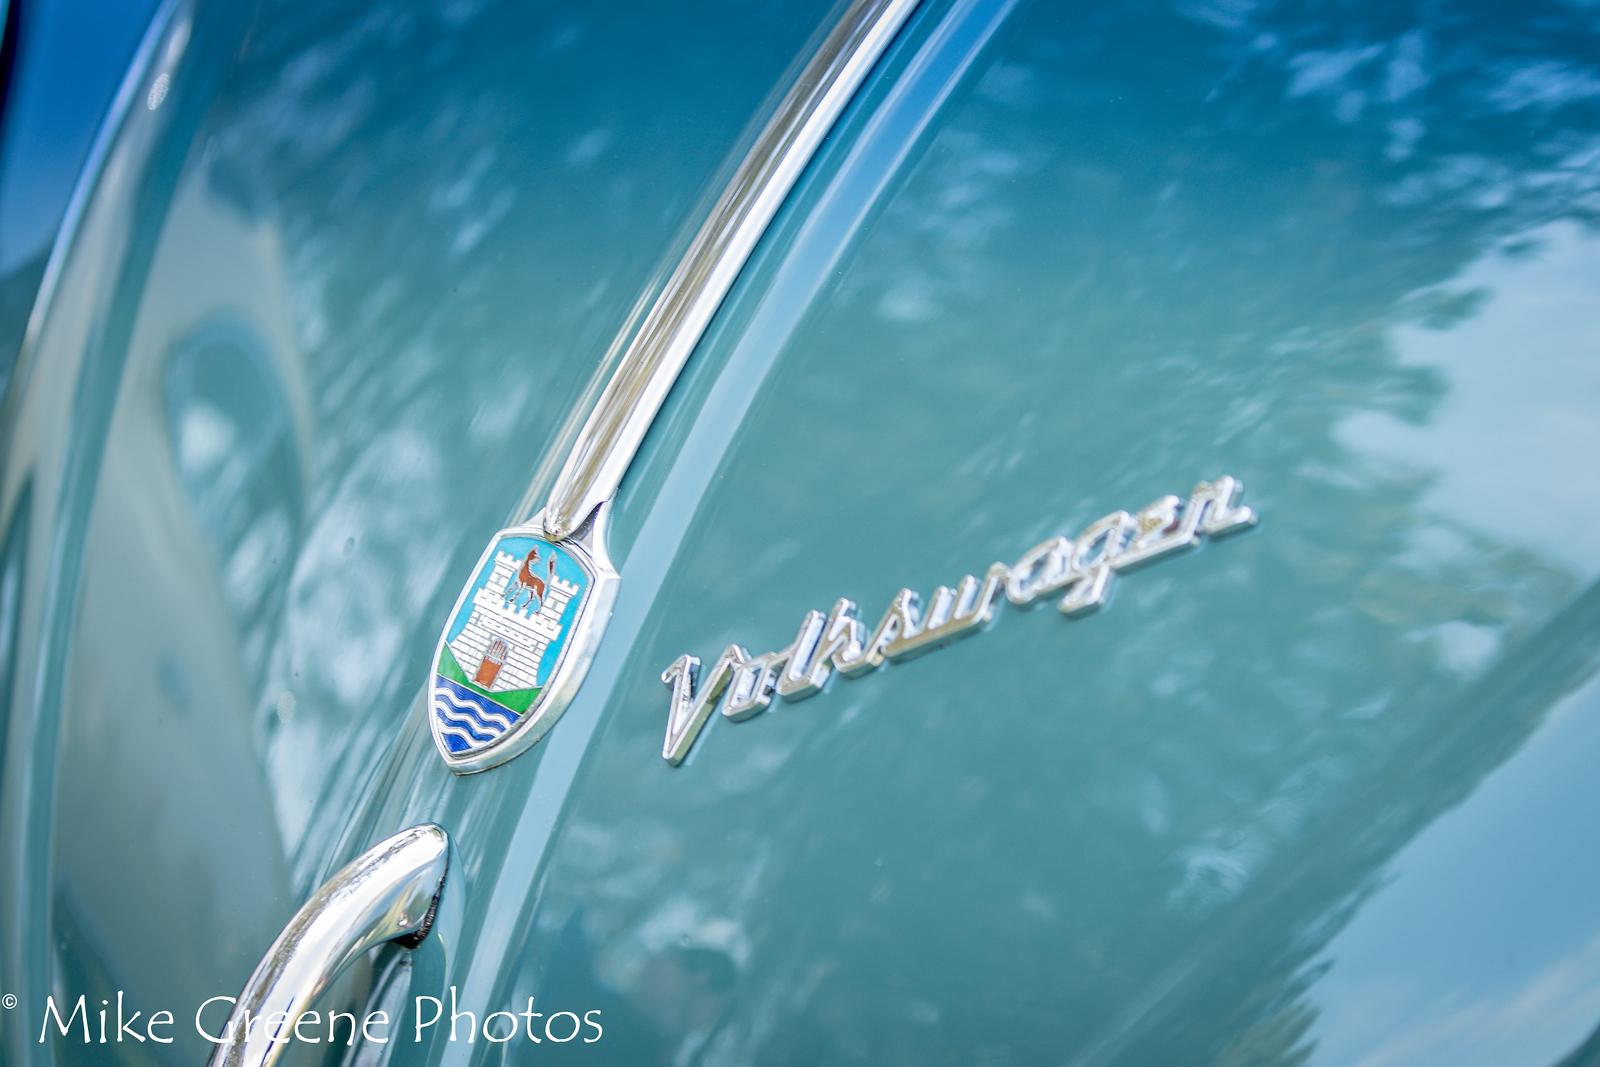 IMAGE: https://photos.smugmug.com/Events-Automotive/Dana-Point-Concours-2016/i-PZntshX/1/0c3183e5/X3/9C4A0809-X3.jpg